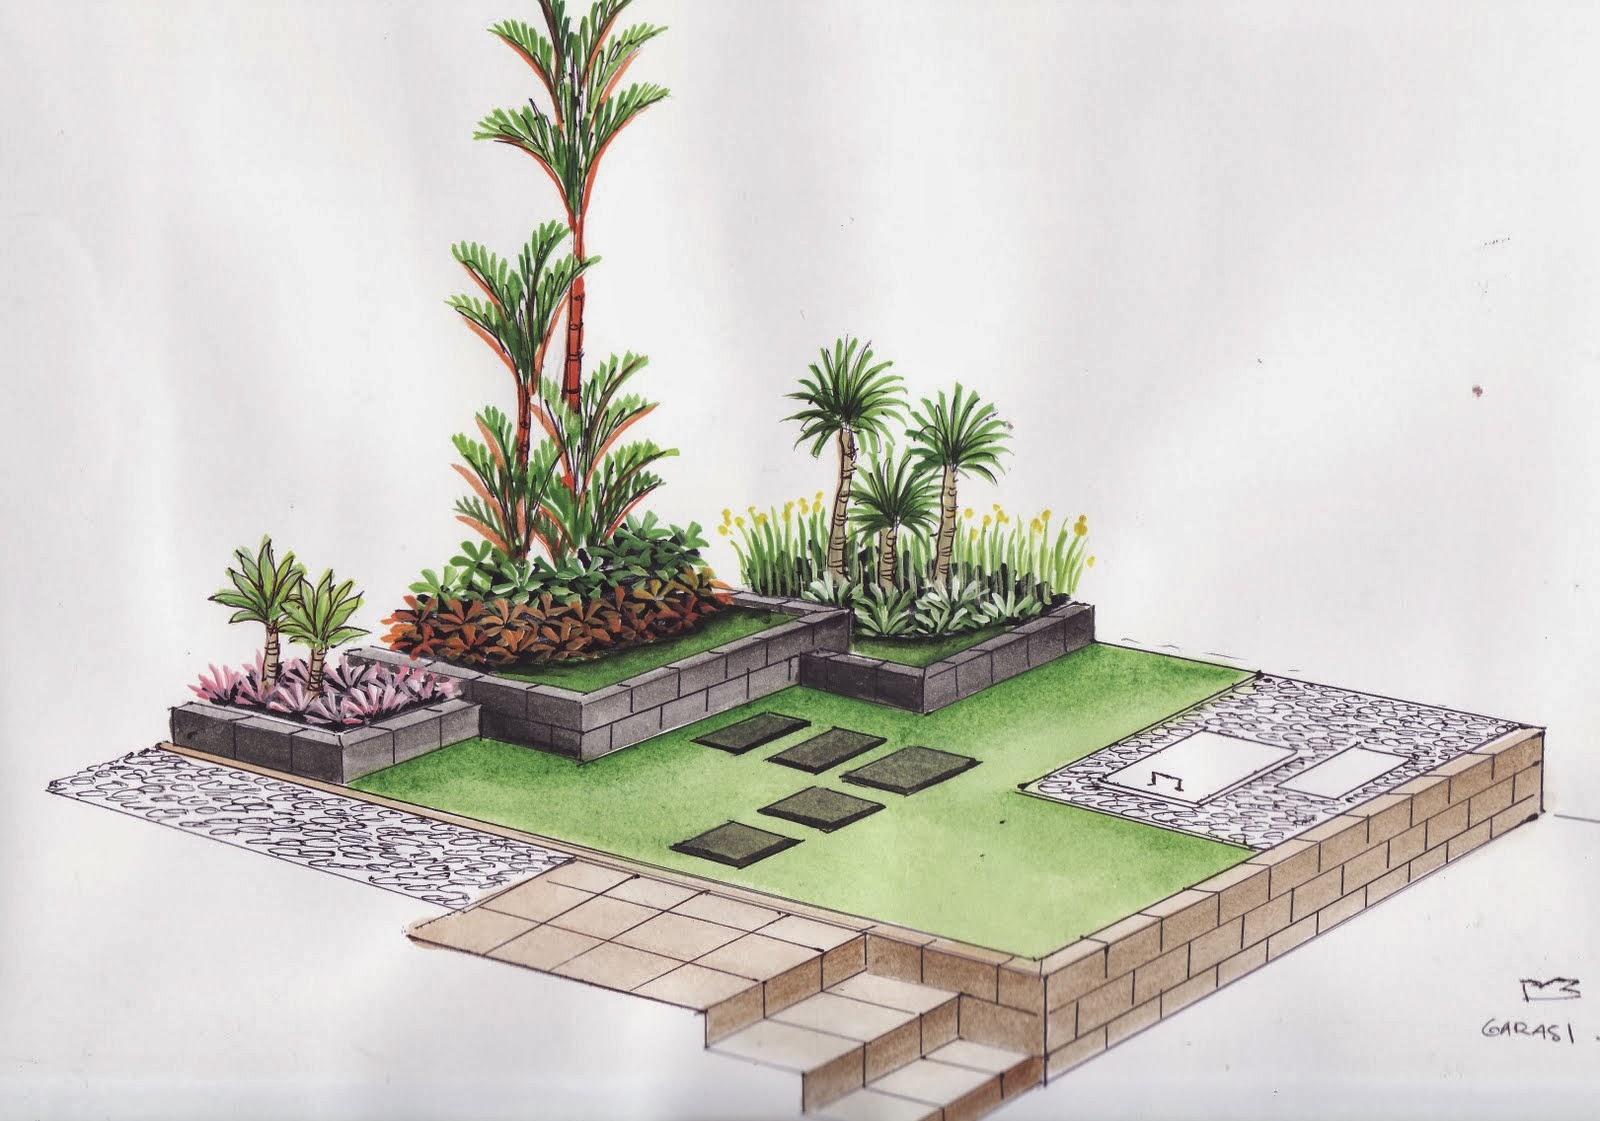 40+ Ide Gambar Sketsa Taman Tampak Atas Terkini   Repptu